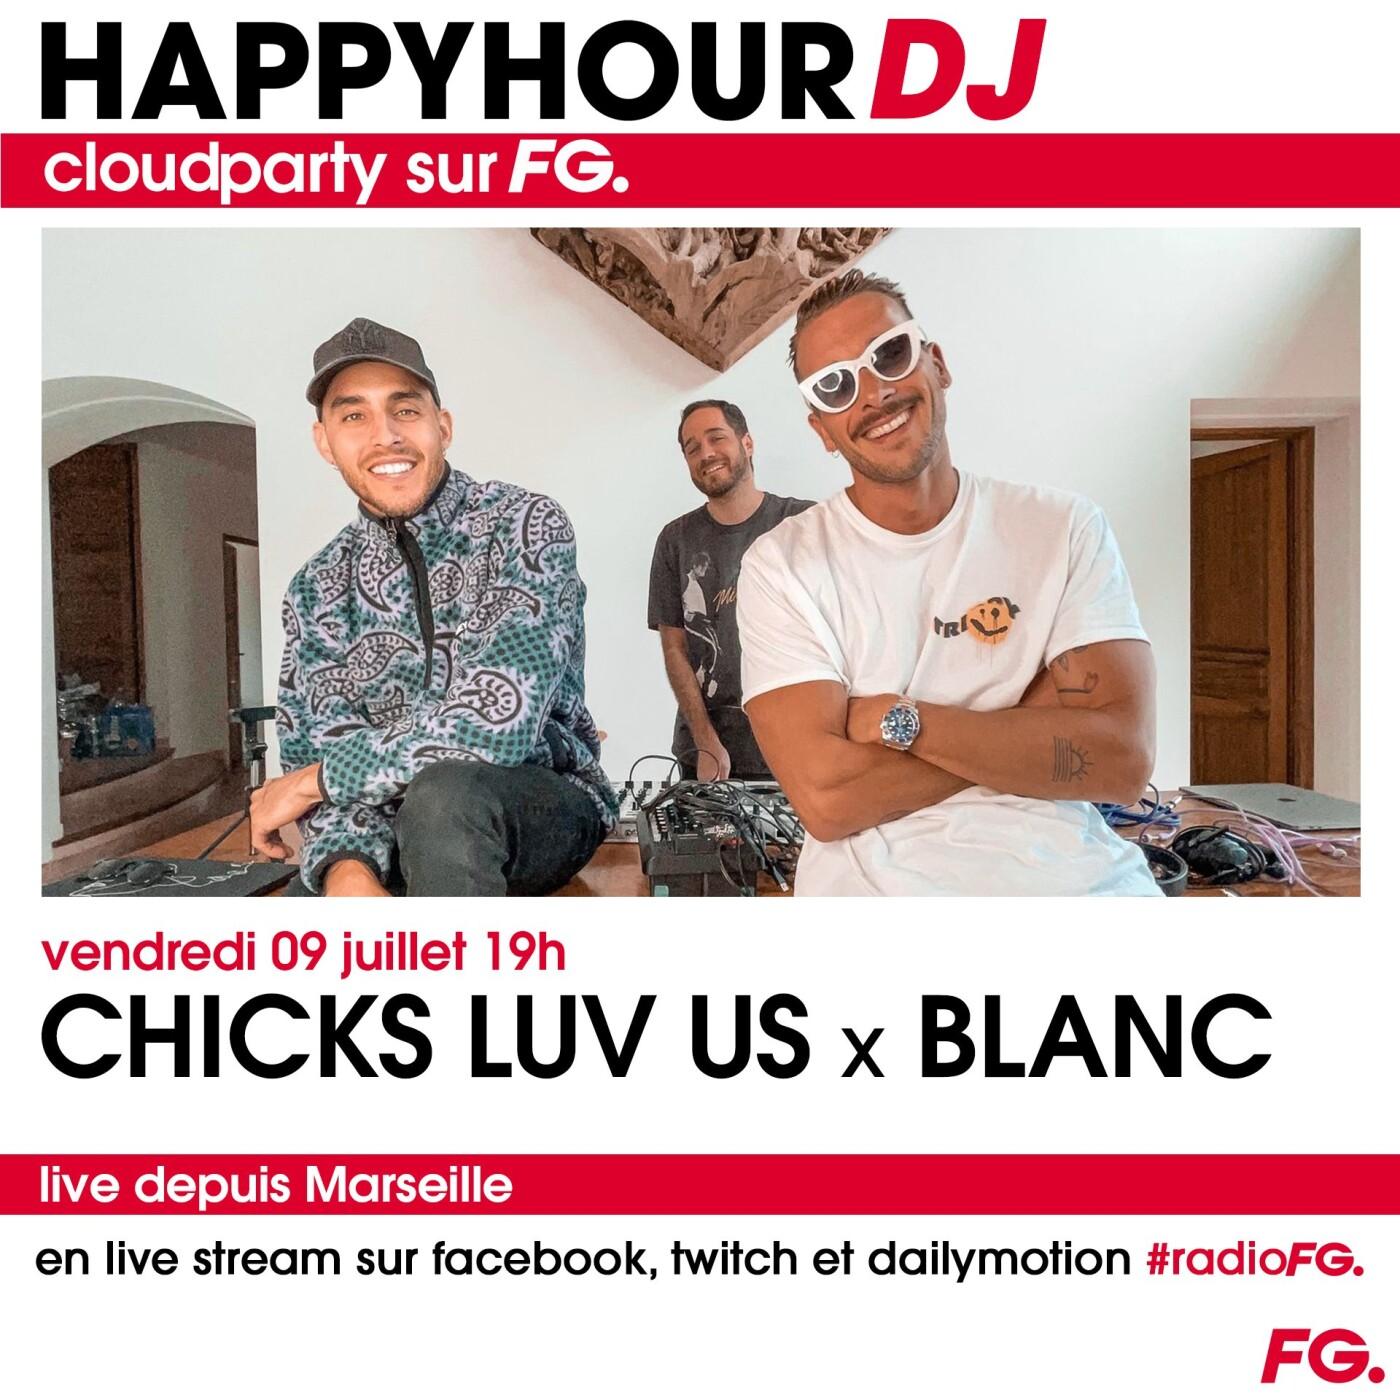 HAPPY HOUR DJ : CHICKS LUV US x BLANC